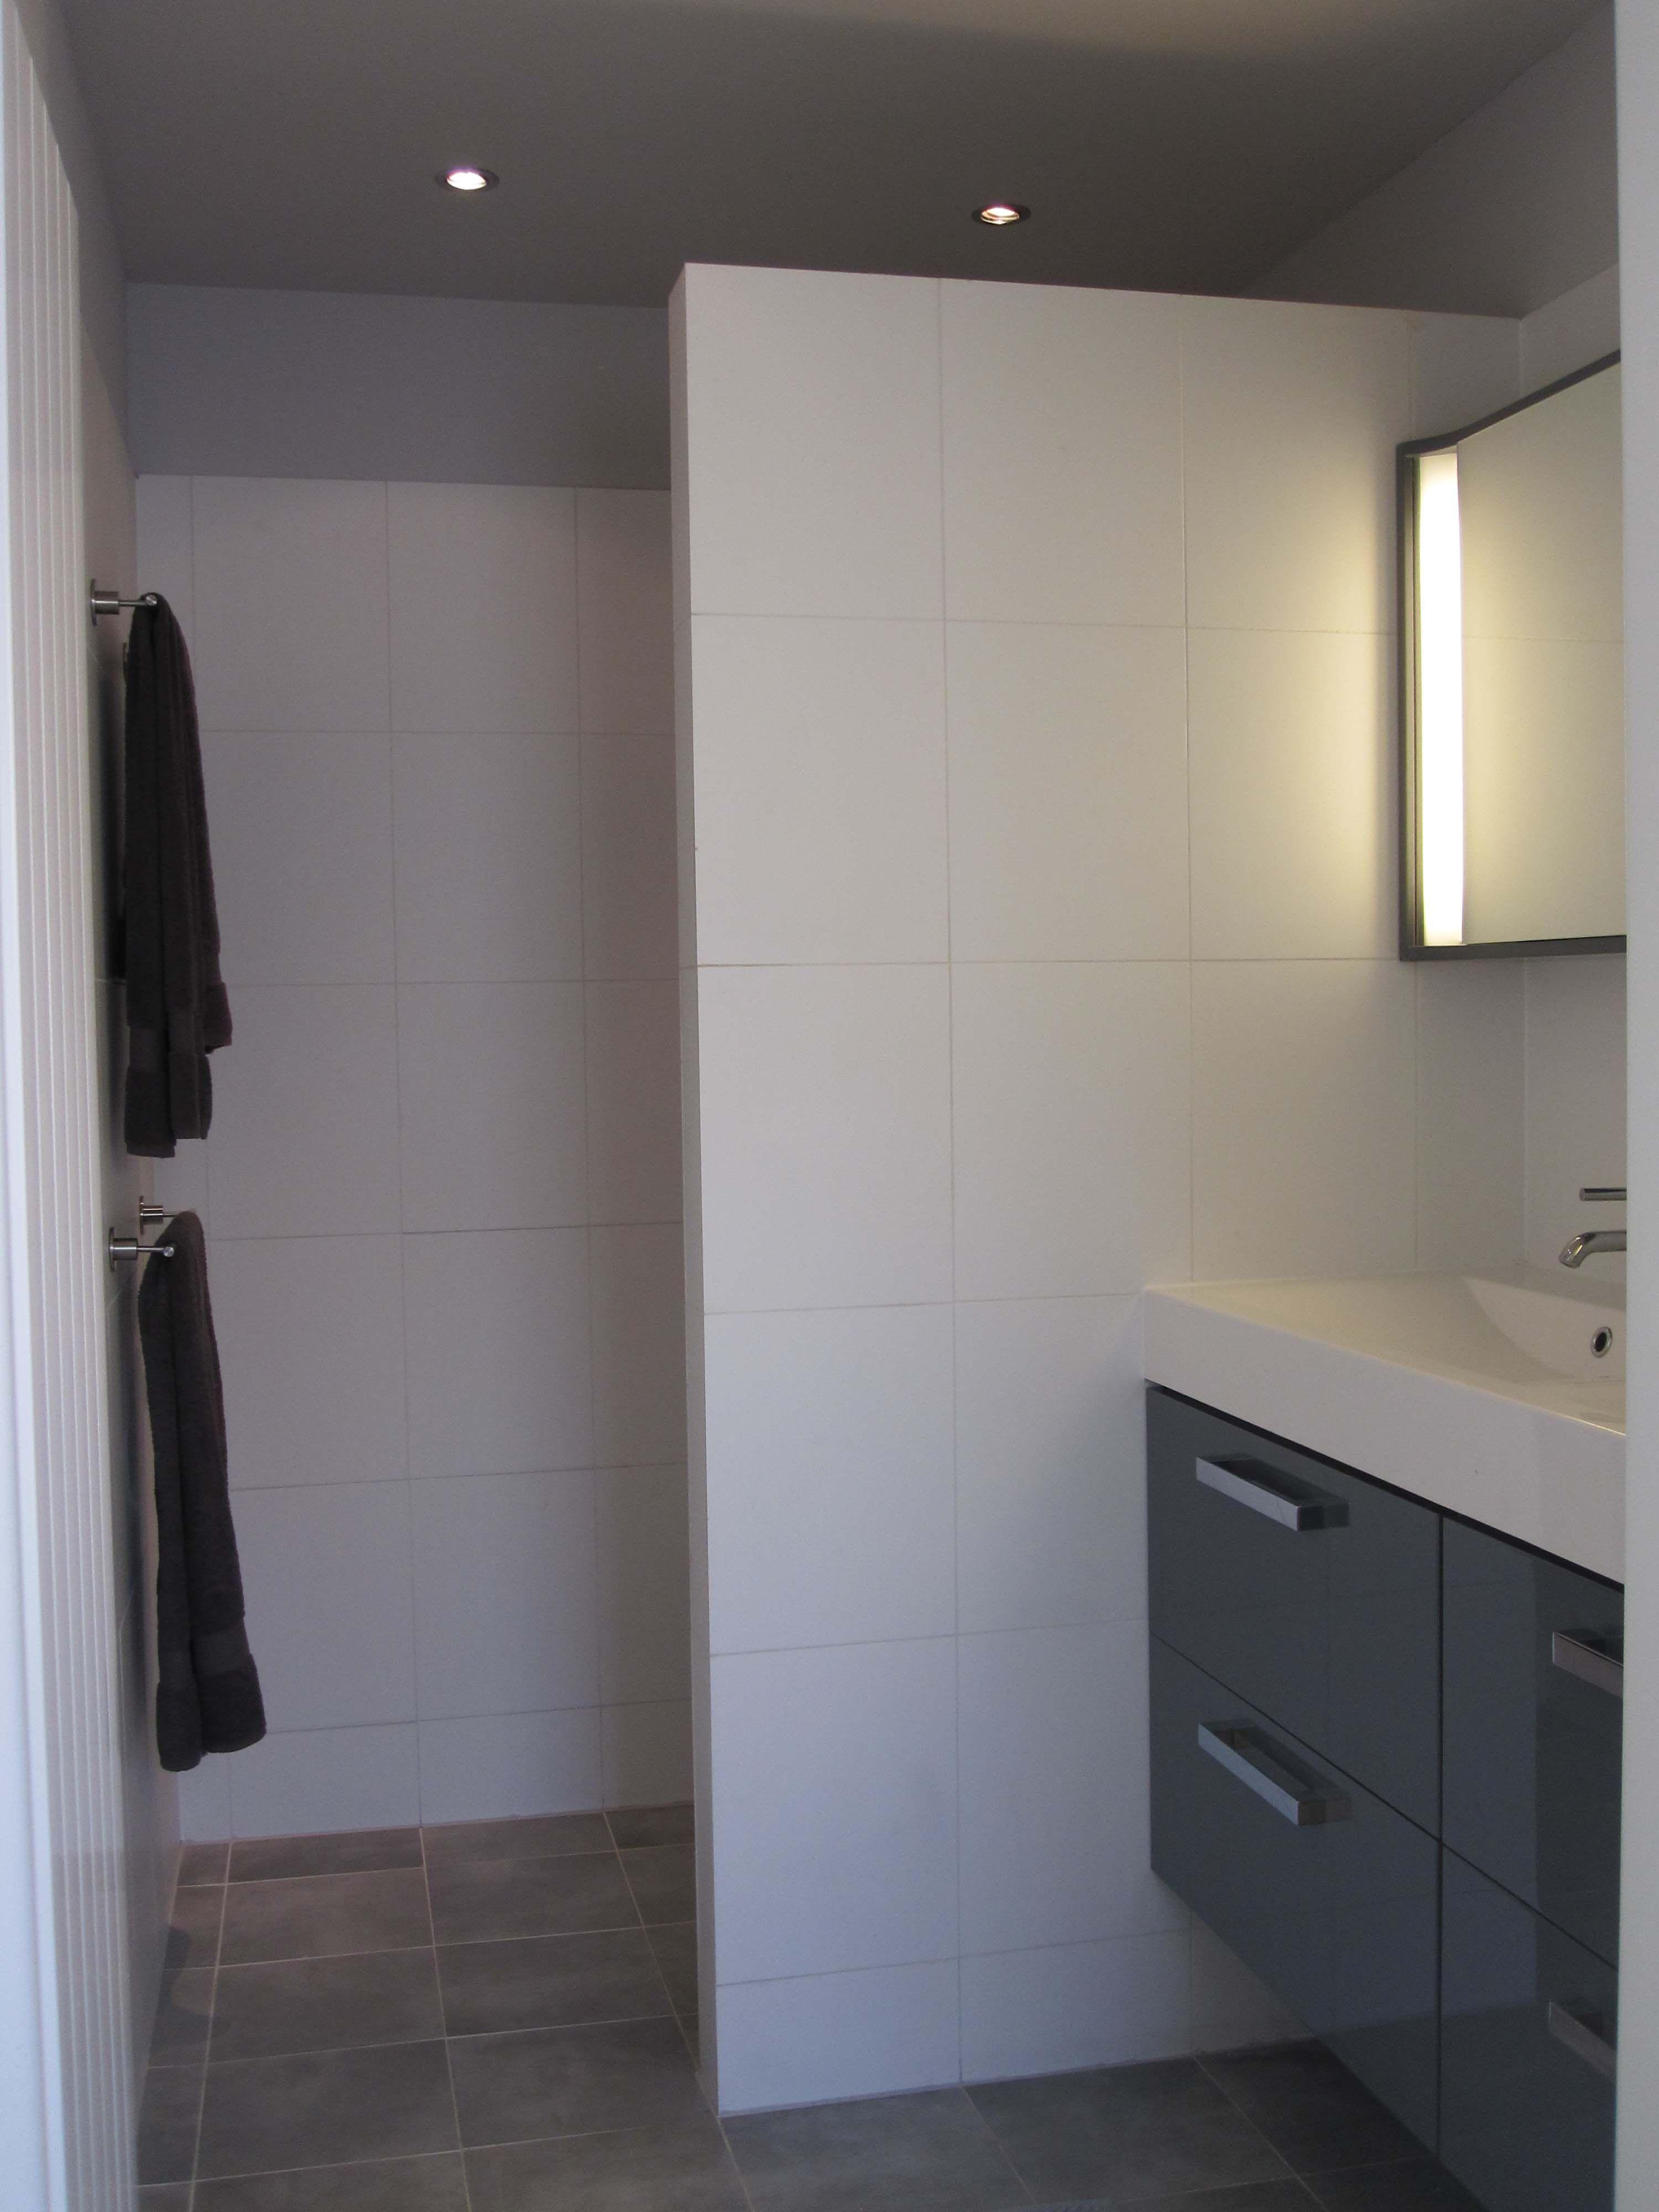 inloopdouche badkamer amsterdam inloopdouche pinterest